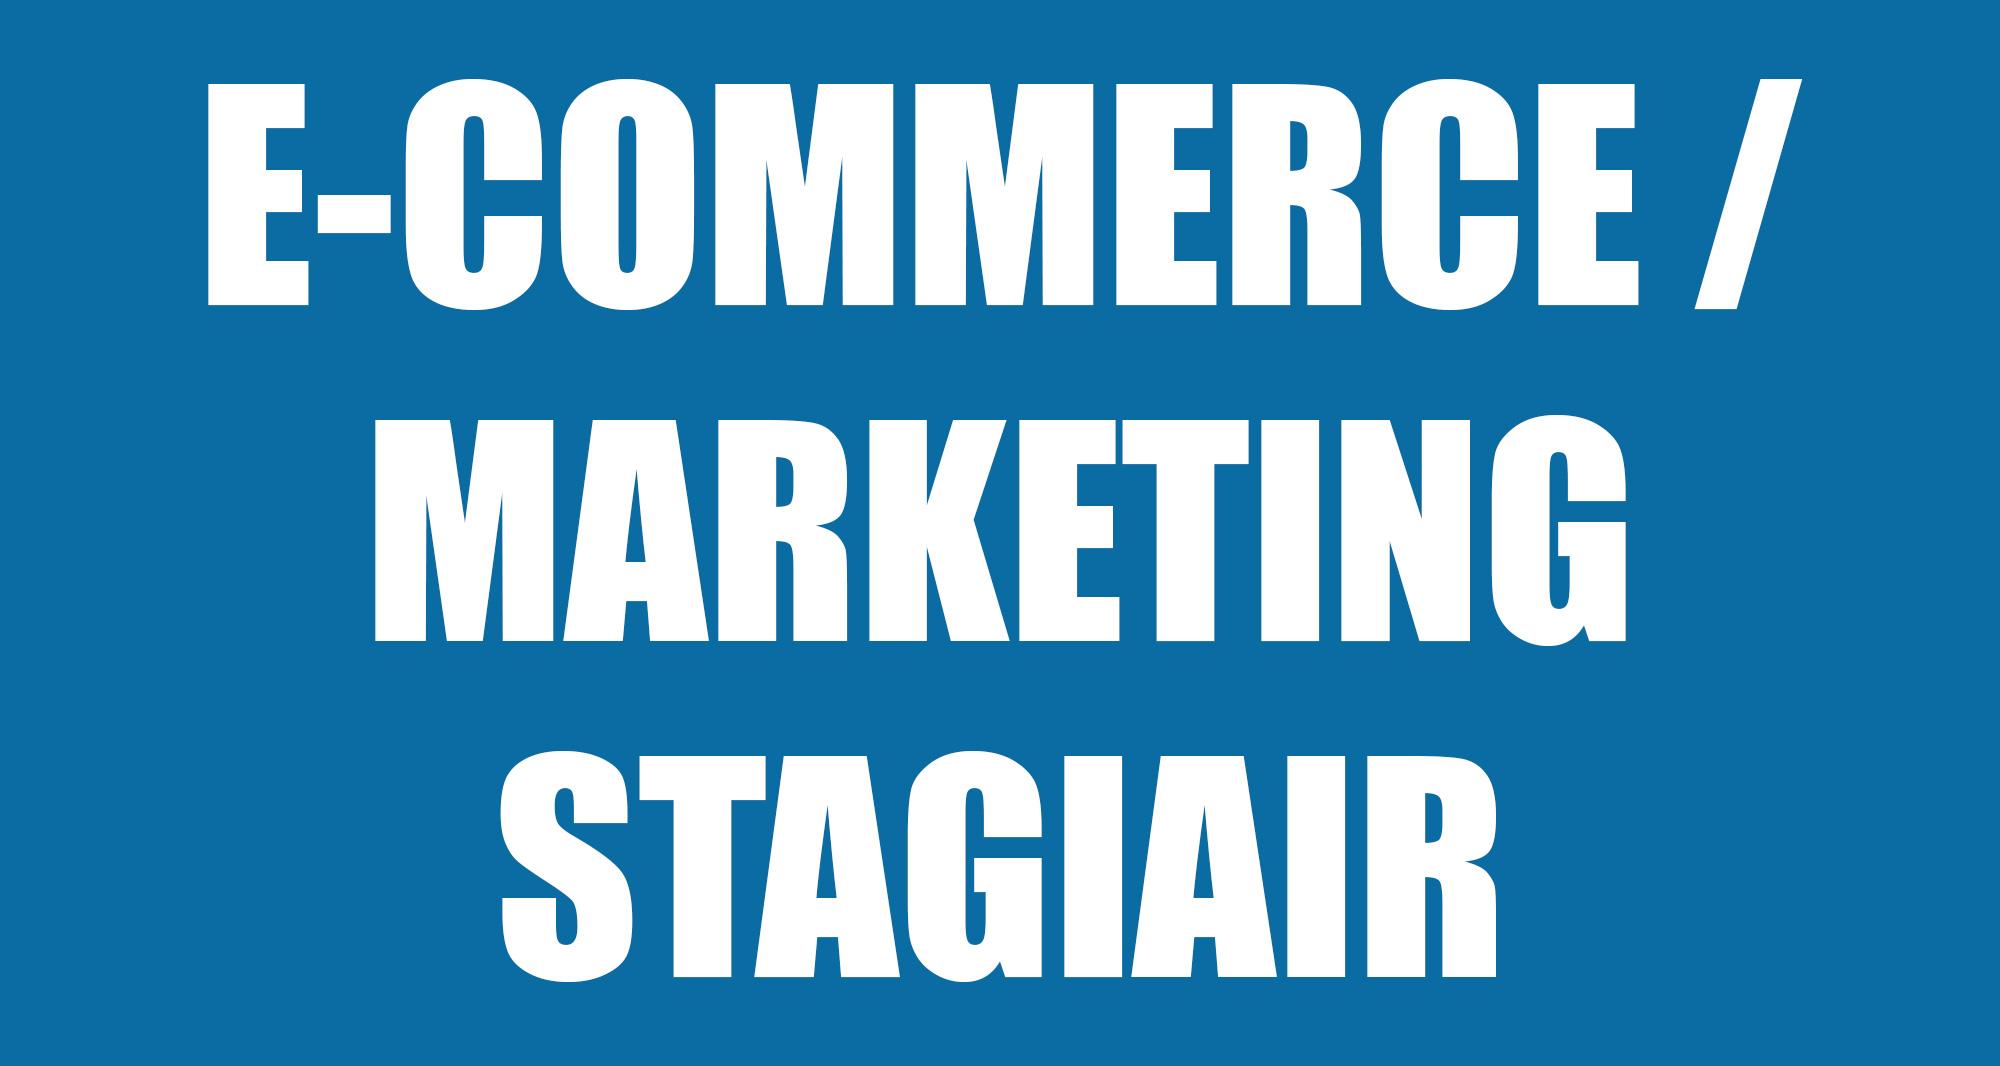 E-commerce - Marketing stagiair gezocht